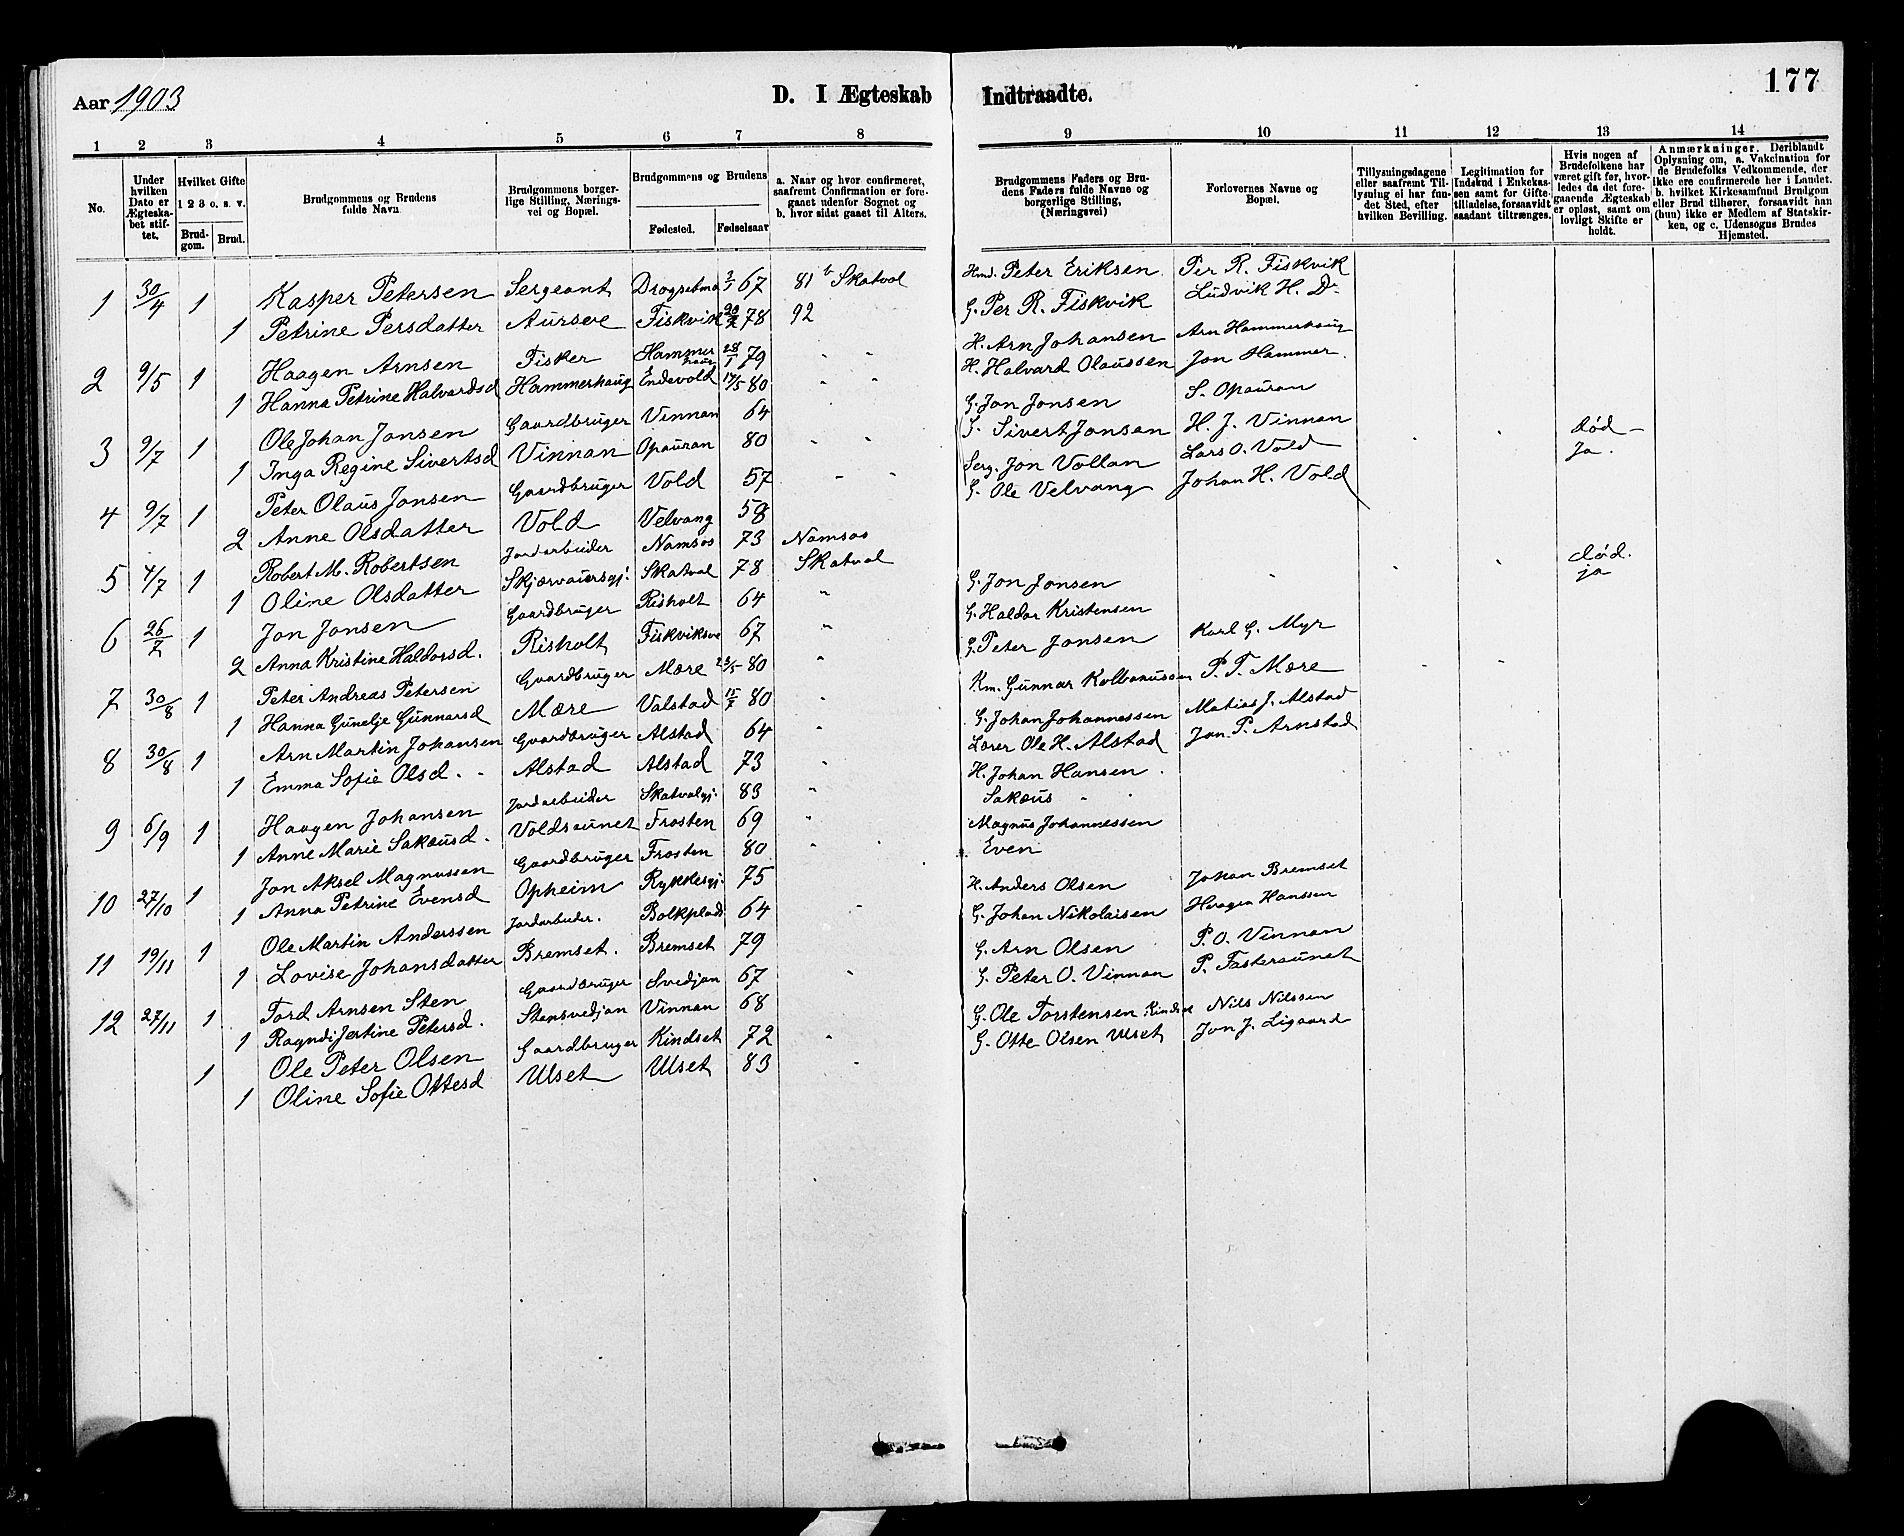 SAT, Ministerialprotokoller, klokkerbøker og fødselsregistre - Nord-Trøndelag, 712/L0103: Klokkerbok nr. 712C01, 1878-1917, s. 177